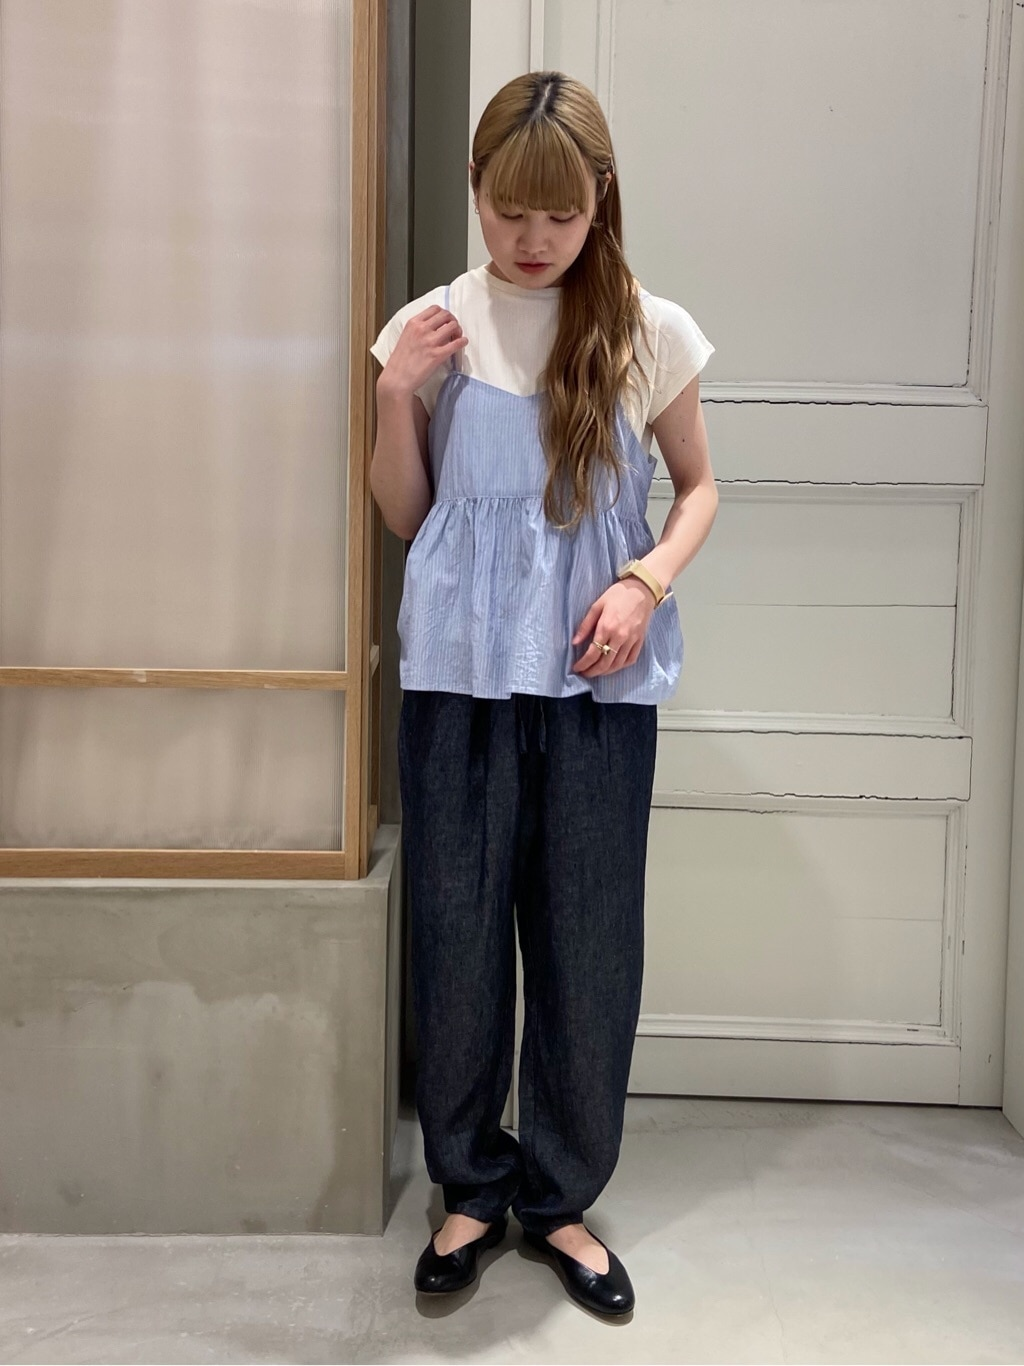 渋谷スクランブルスクエア 2021.03.30